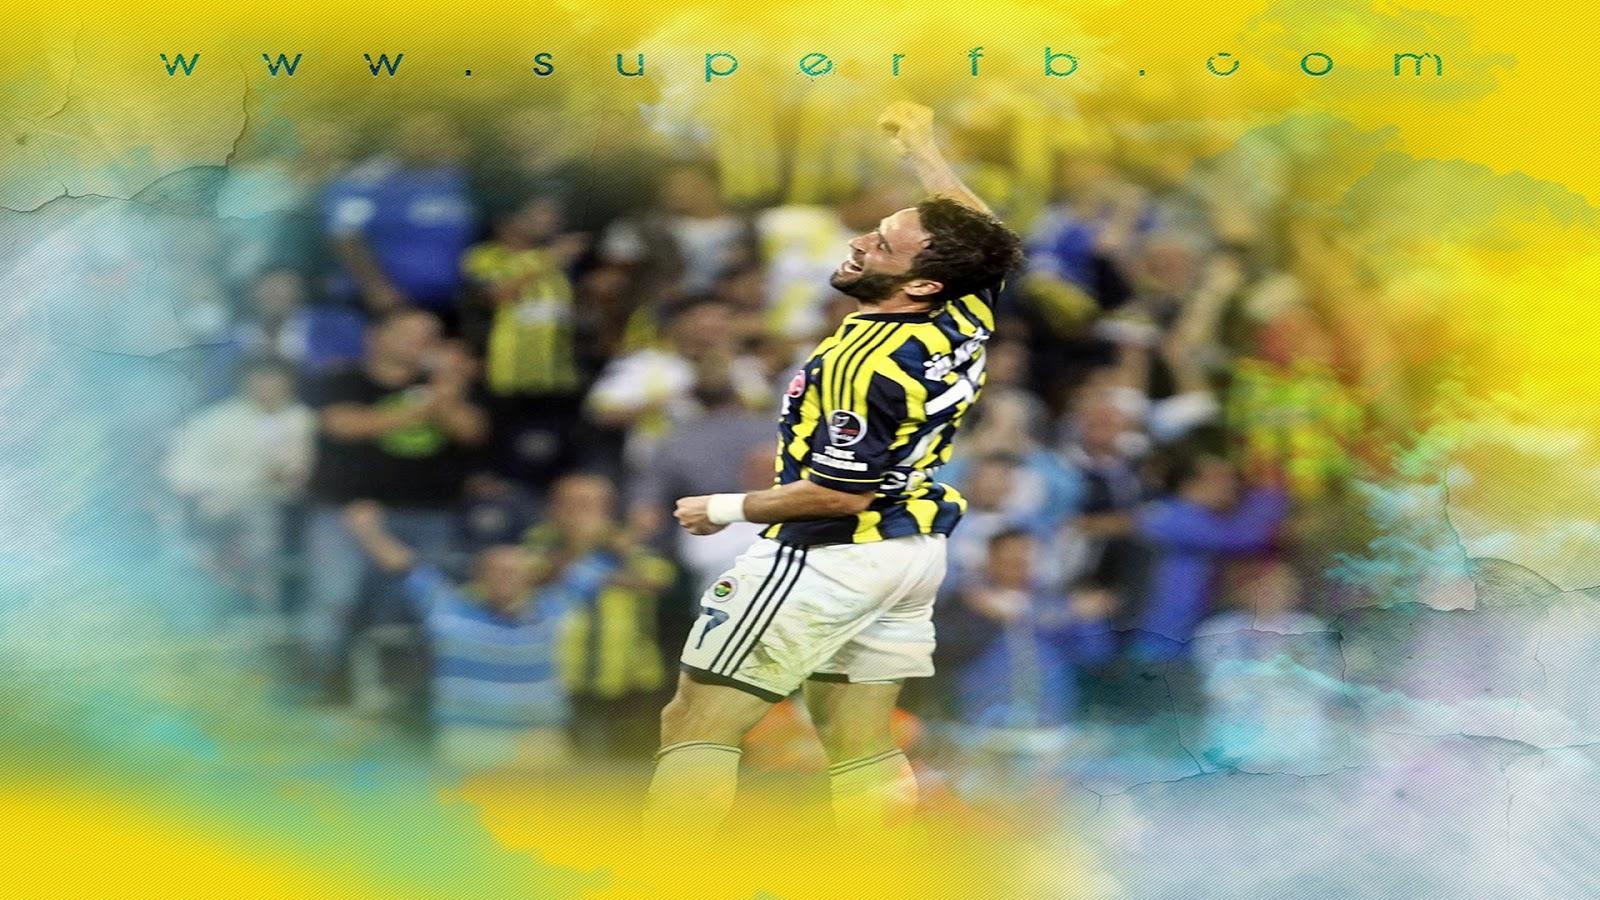 fenerbahce+resim+rooteto+7 Fenerbahçe HD Resimleri